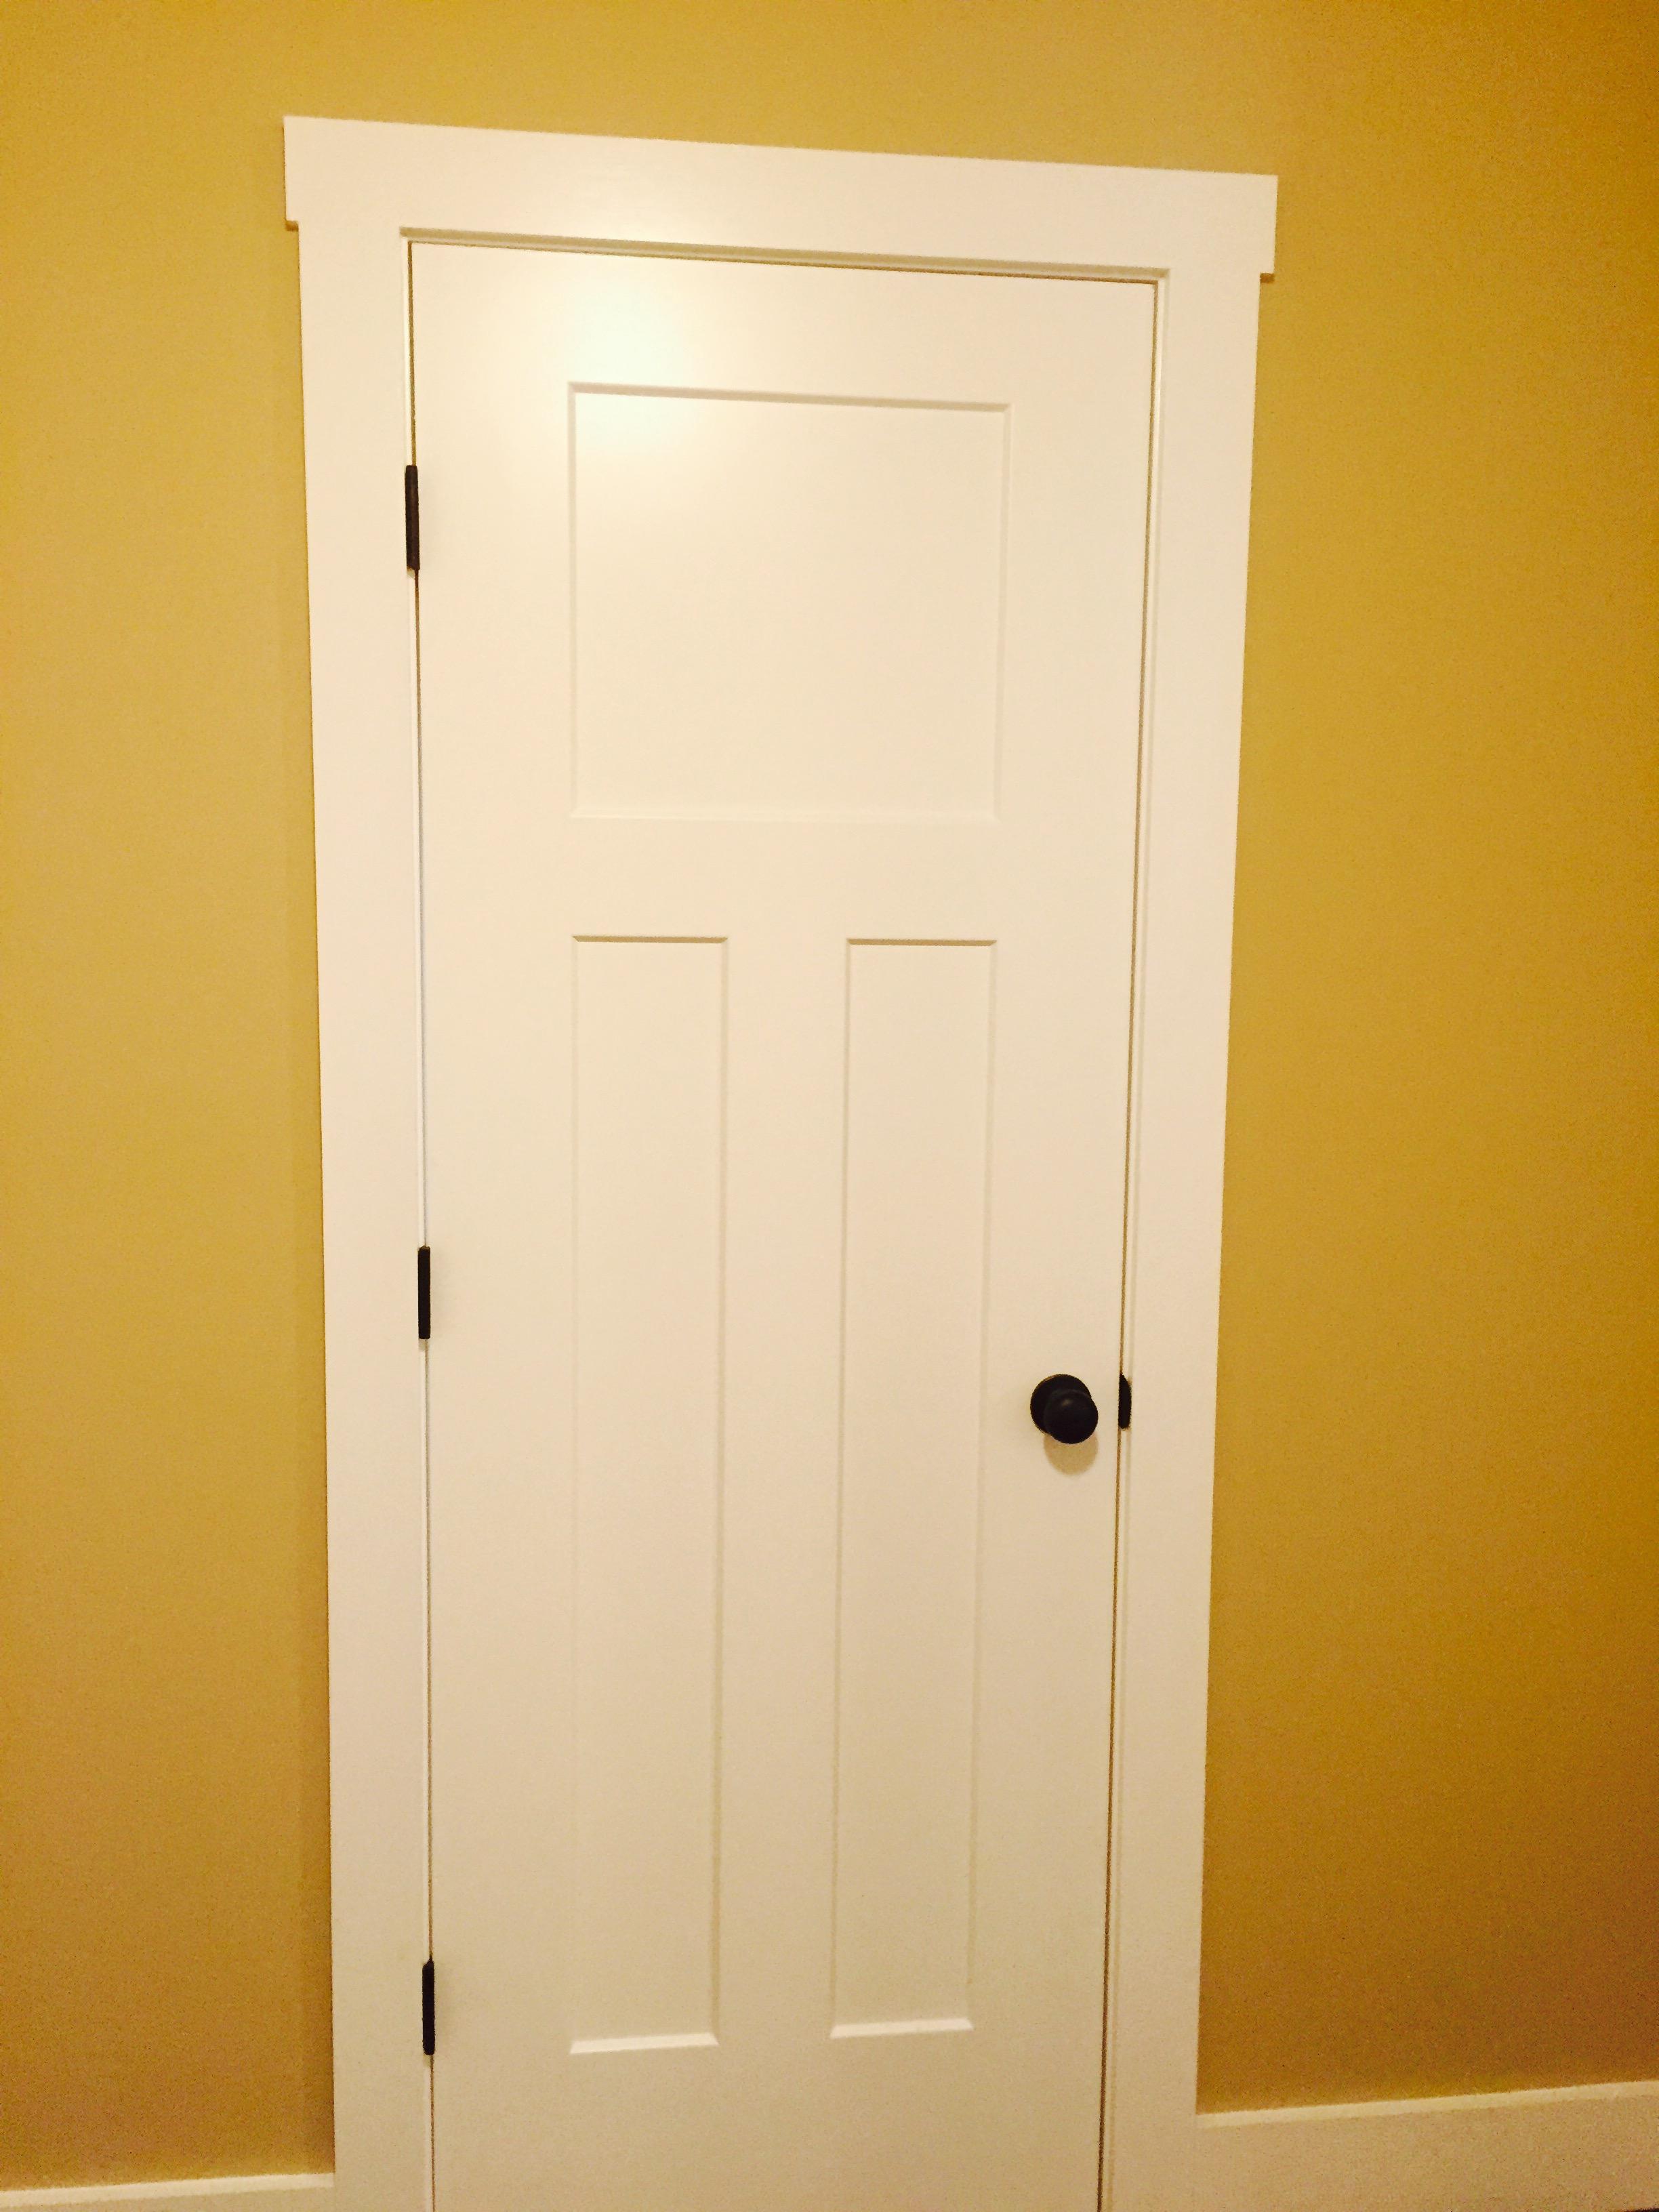 Craftsman doors